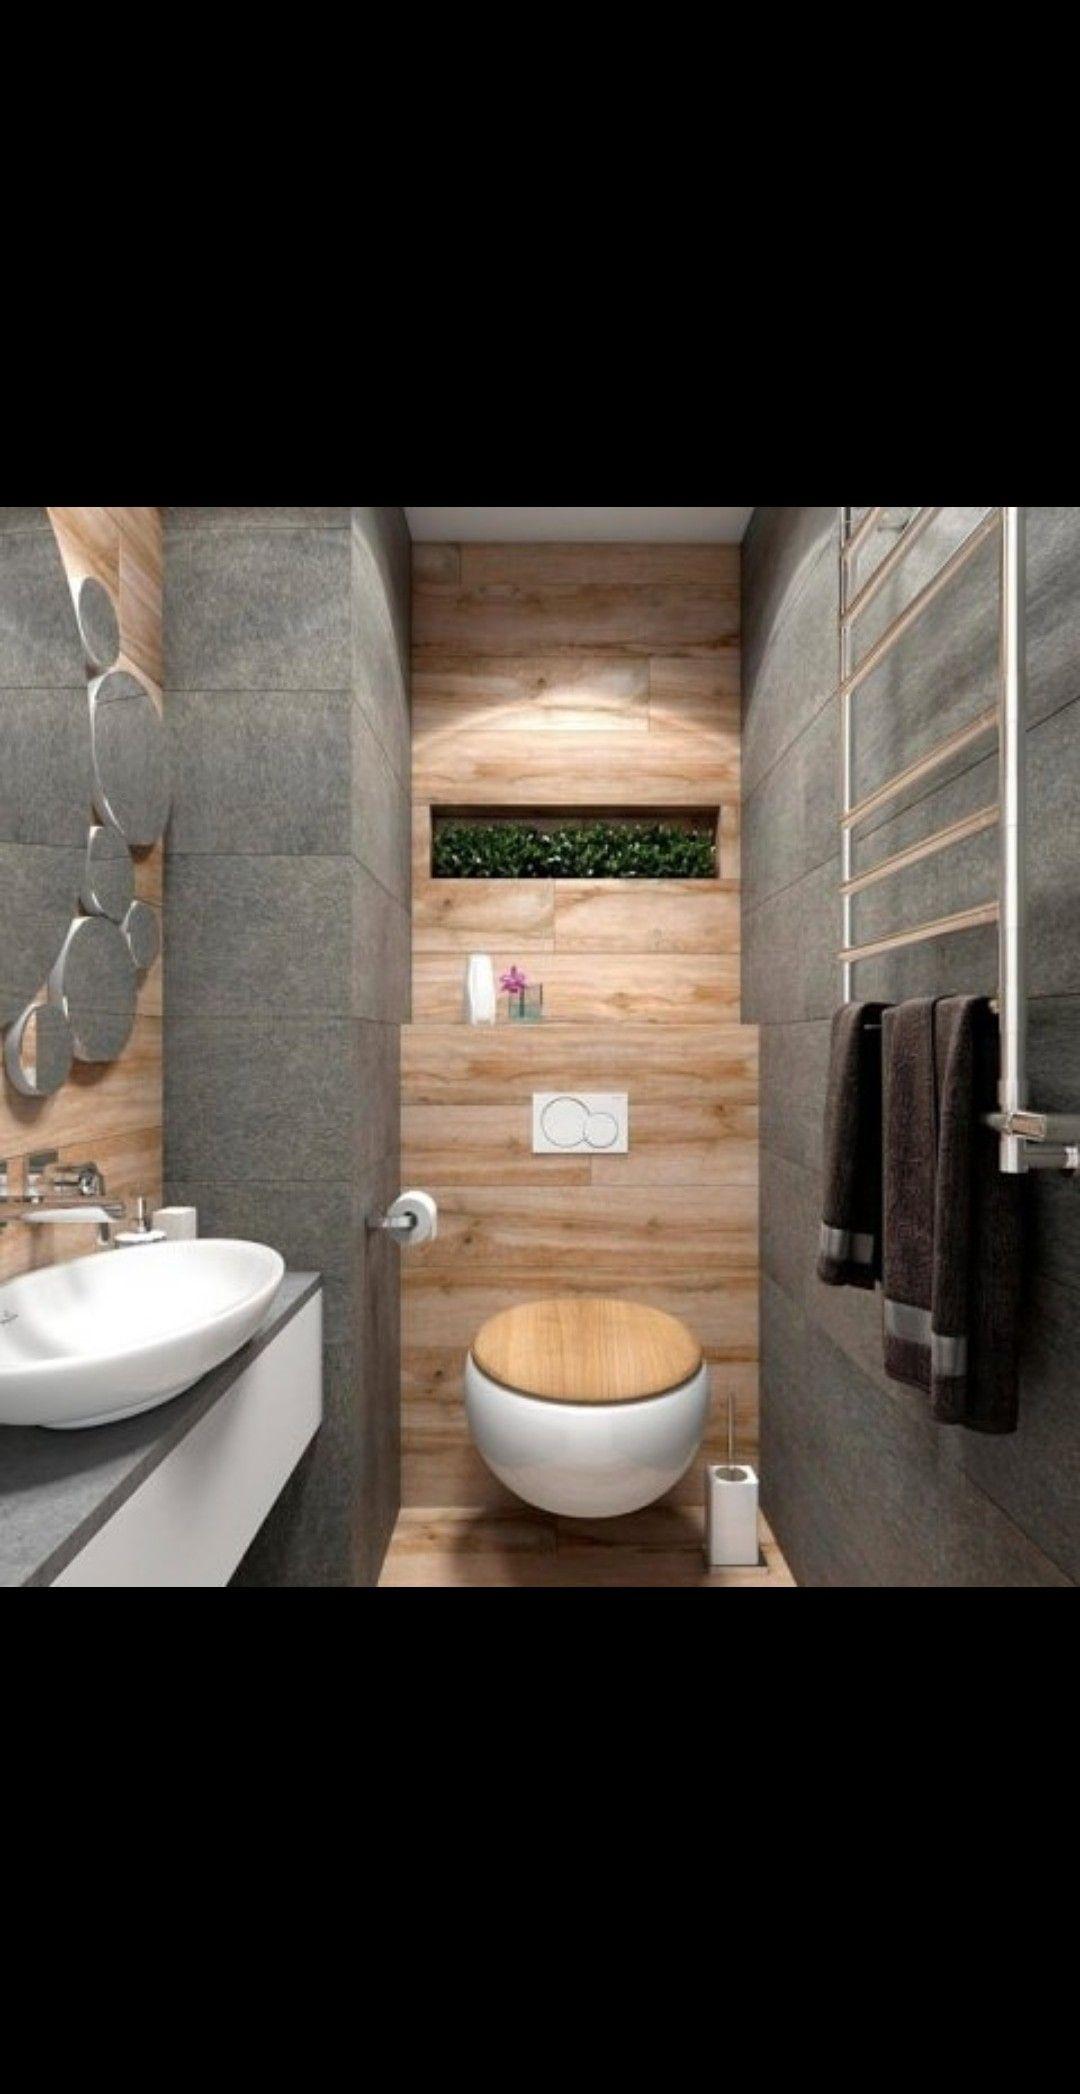 استغلال المساحات مع الإبداع Minimalist Bathroom Design Rustic Bathrooms Minimalist Bathroom